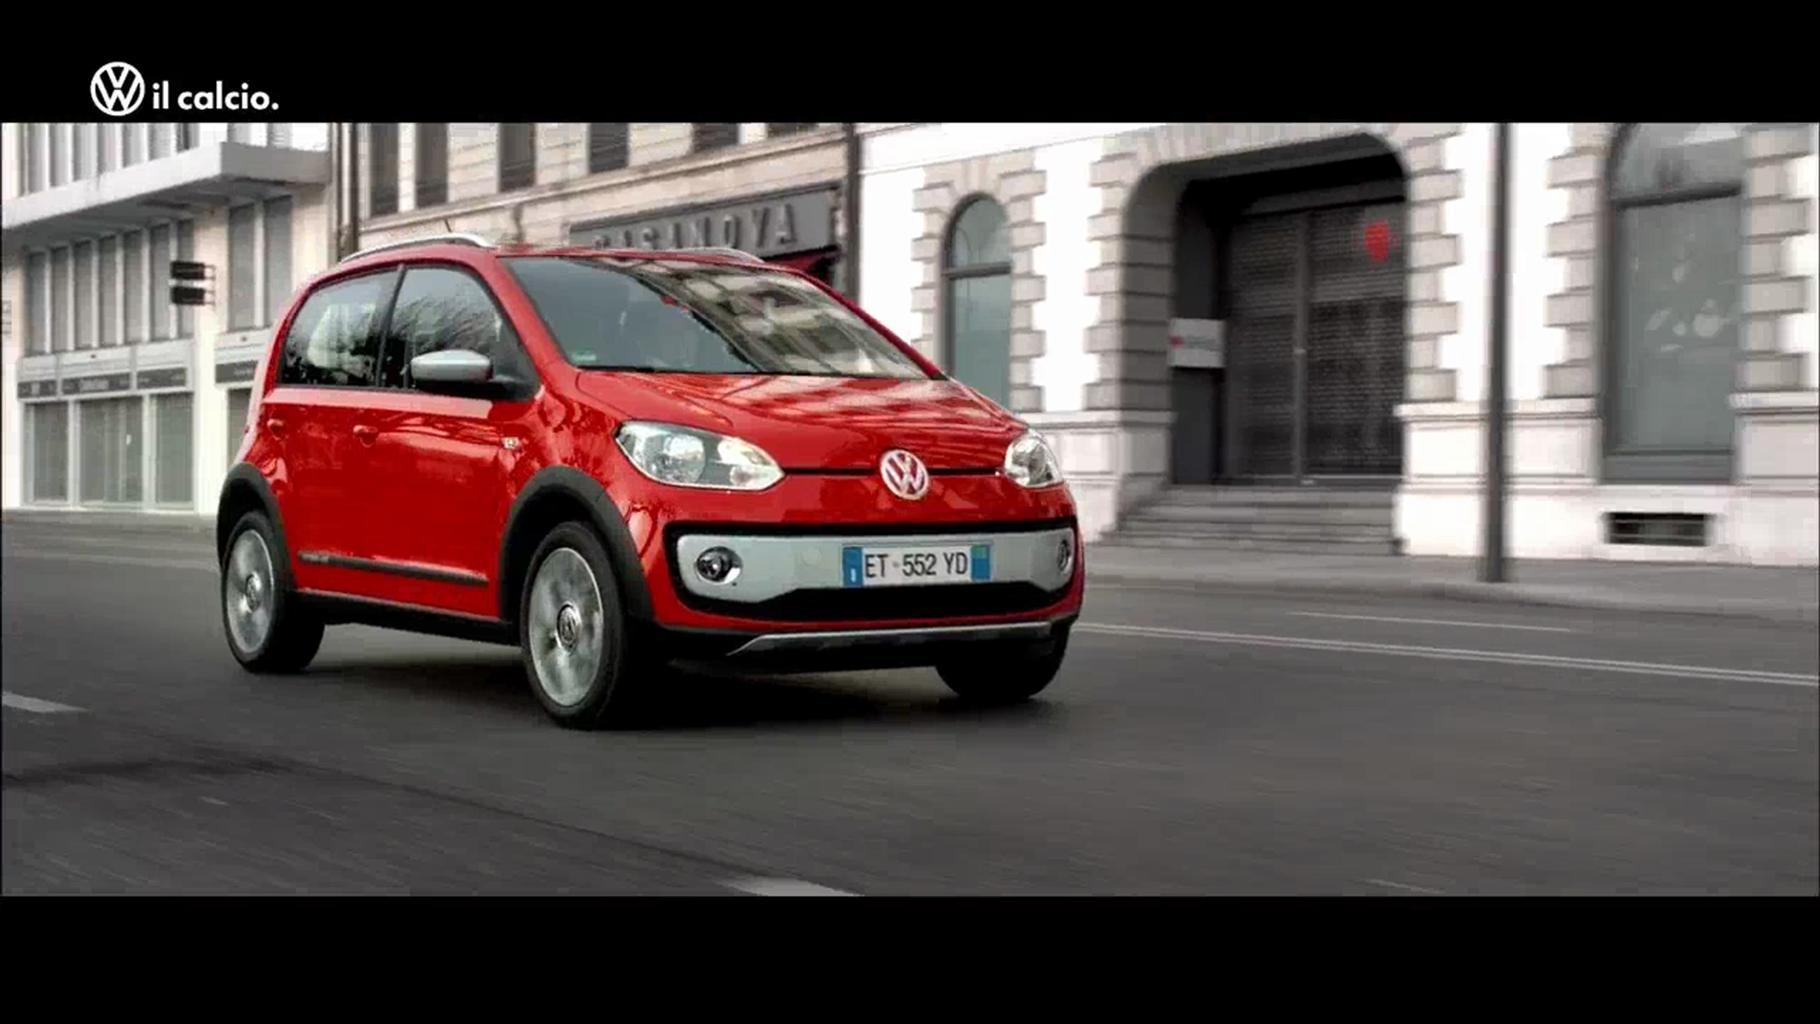 VW sul set per il lancio della nuova cross up!